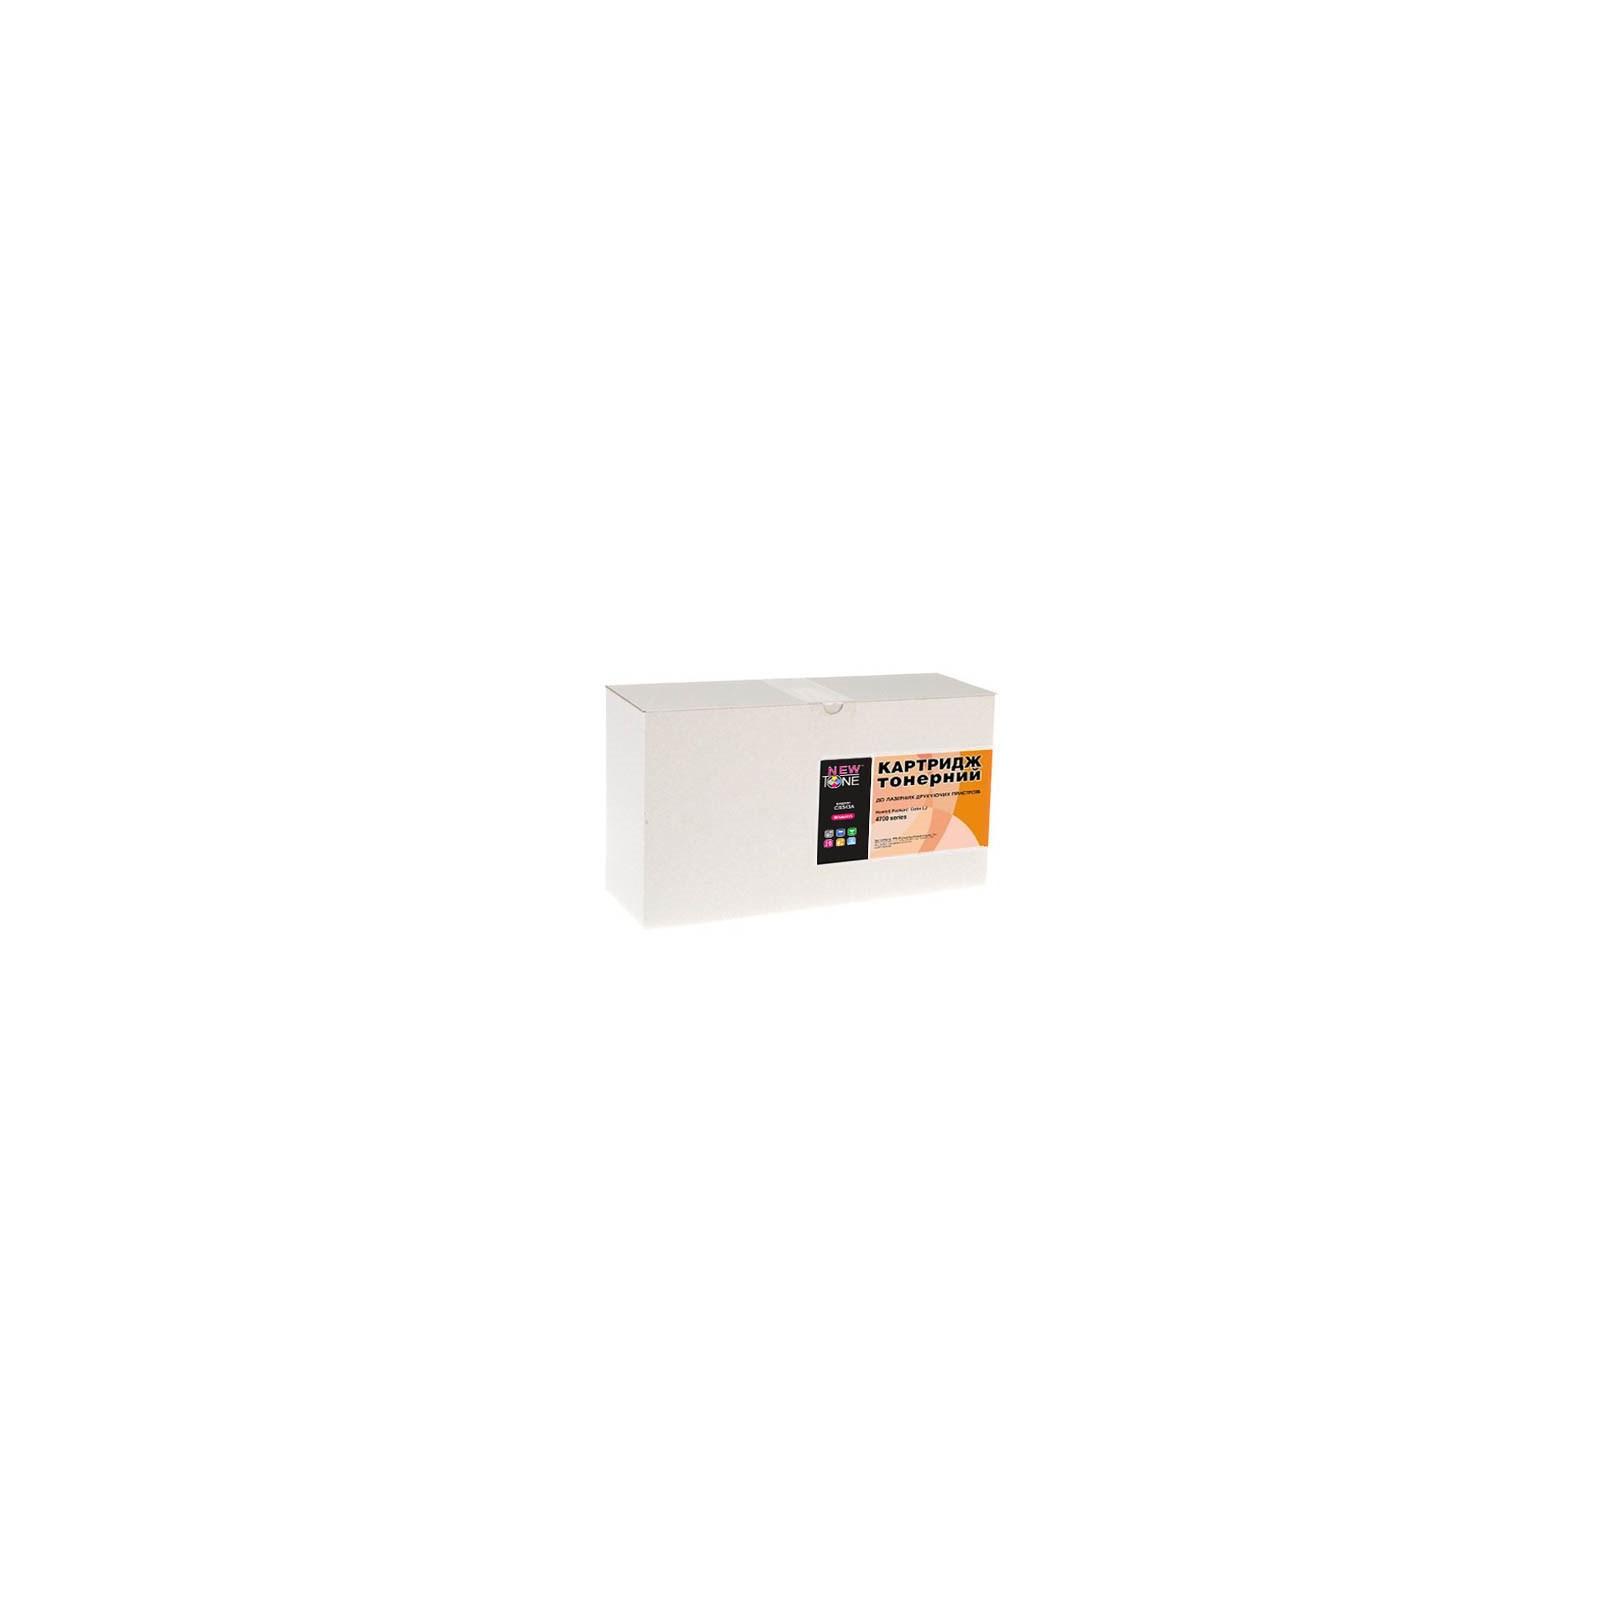 Картридж NewTone для HP CLJ 4700 Magenta (H4700NM)